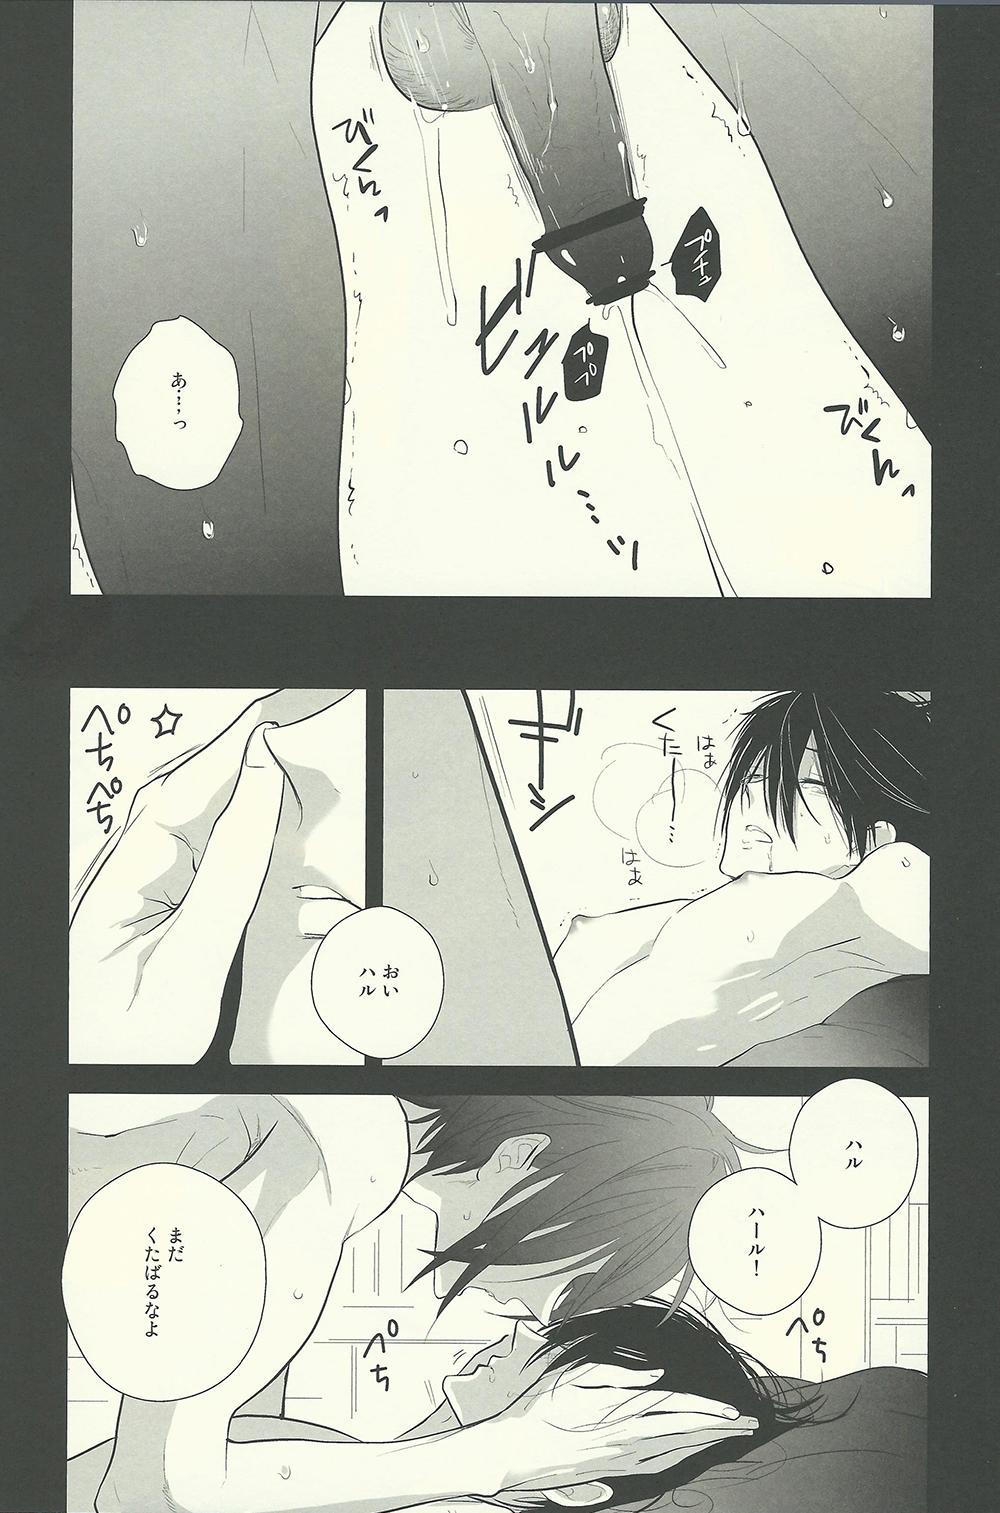 Rin to Haruka ga karada de nakayoku suru hon 6